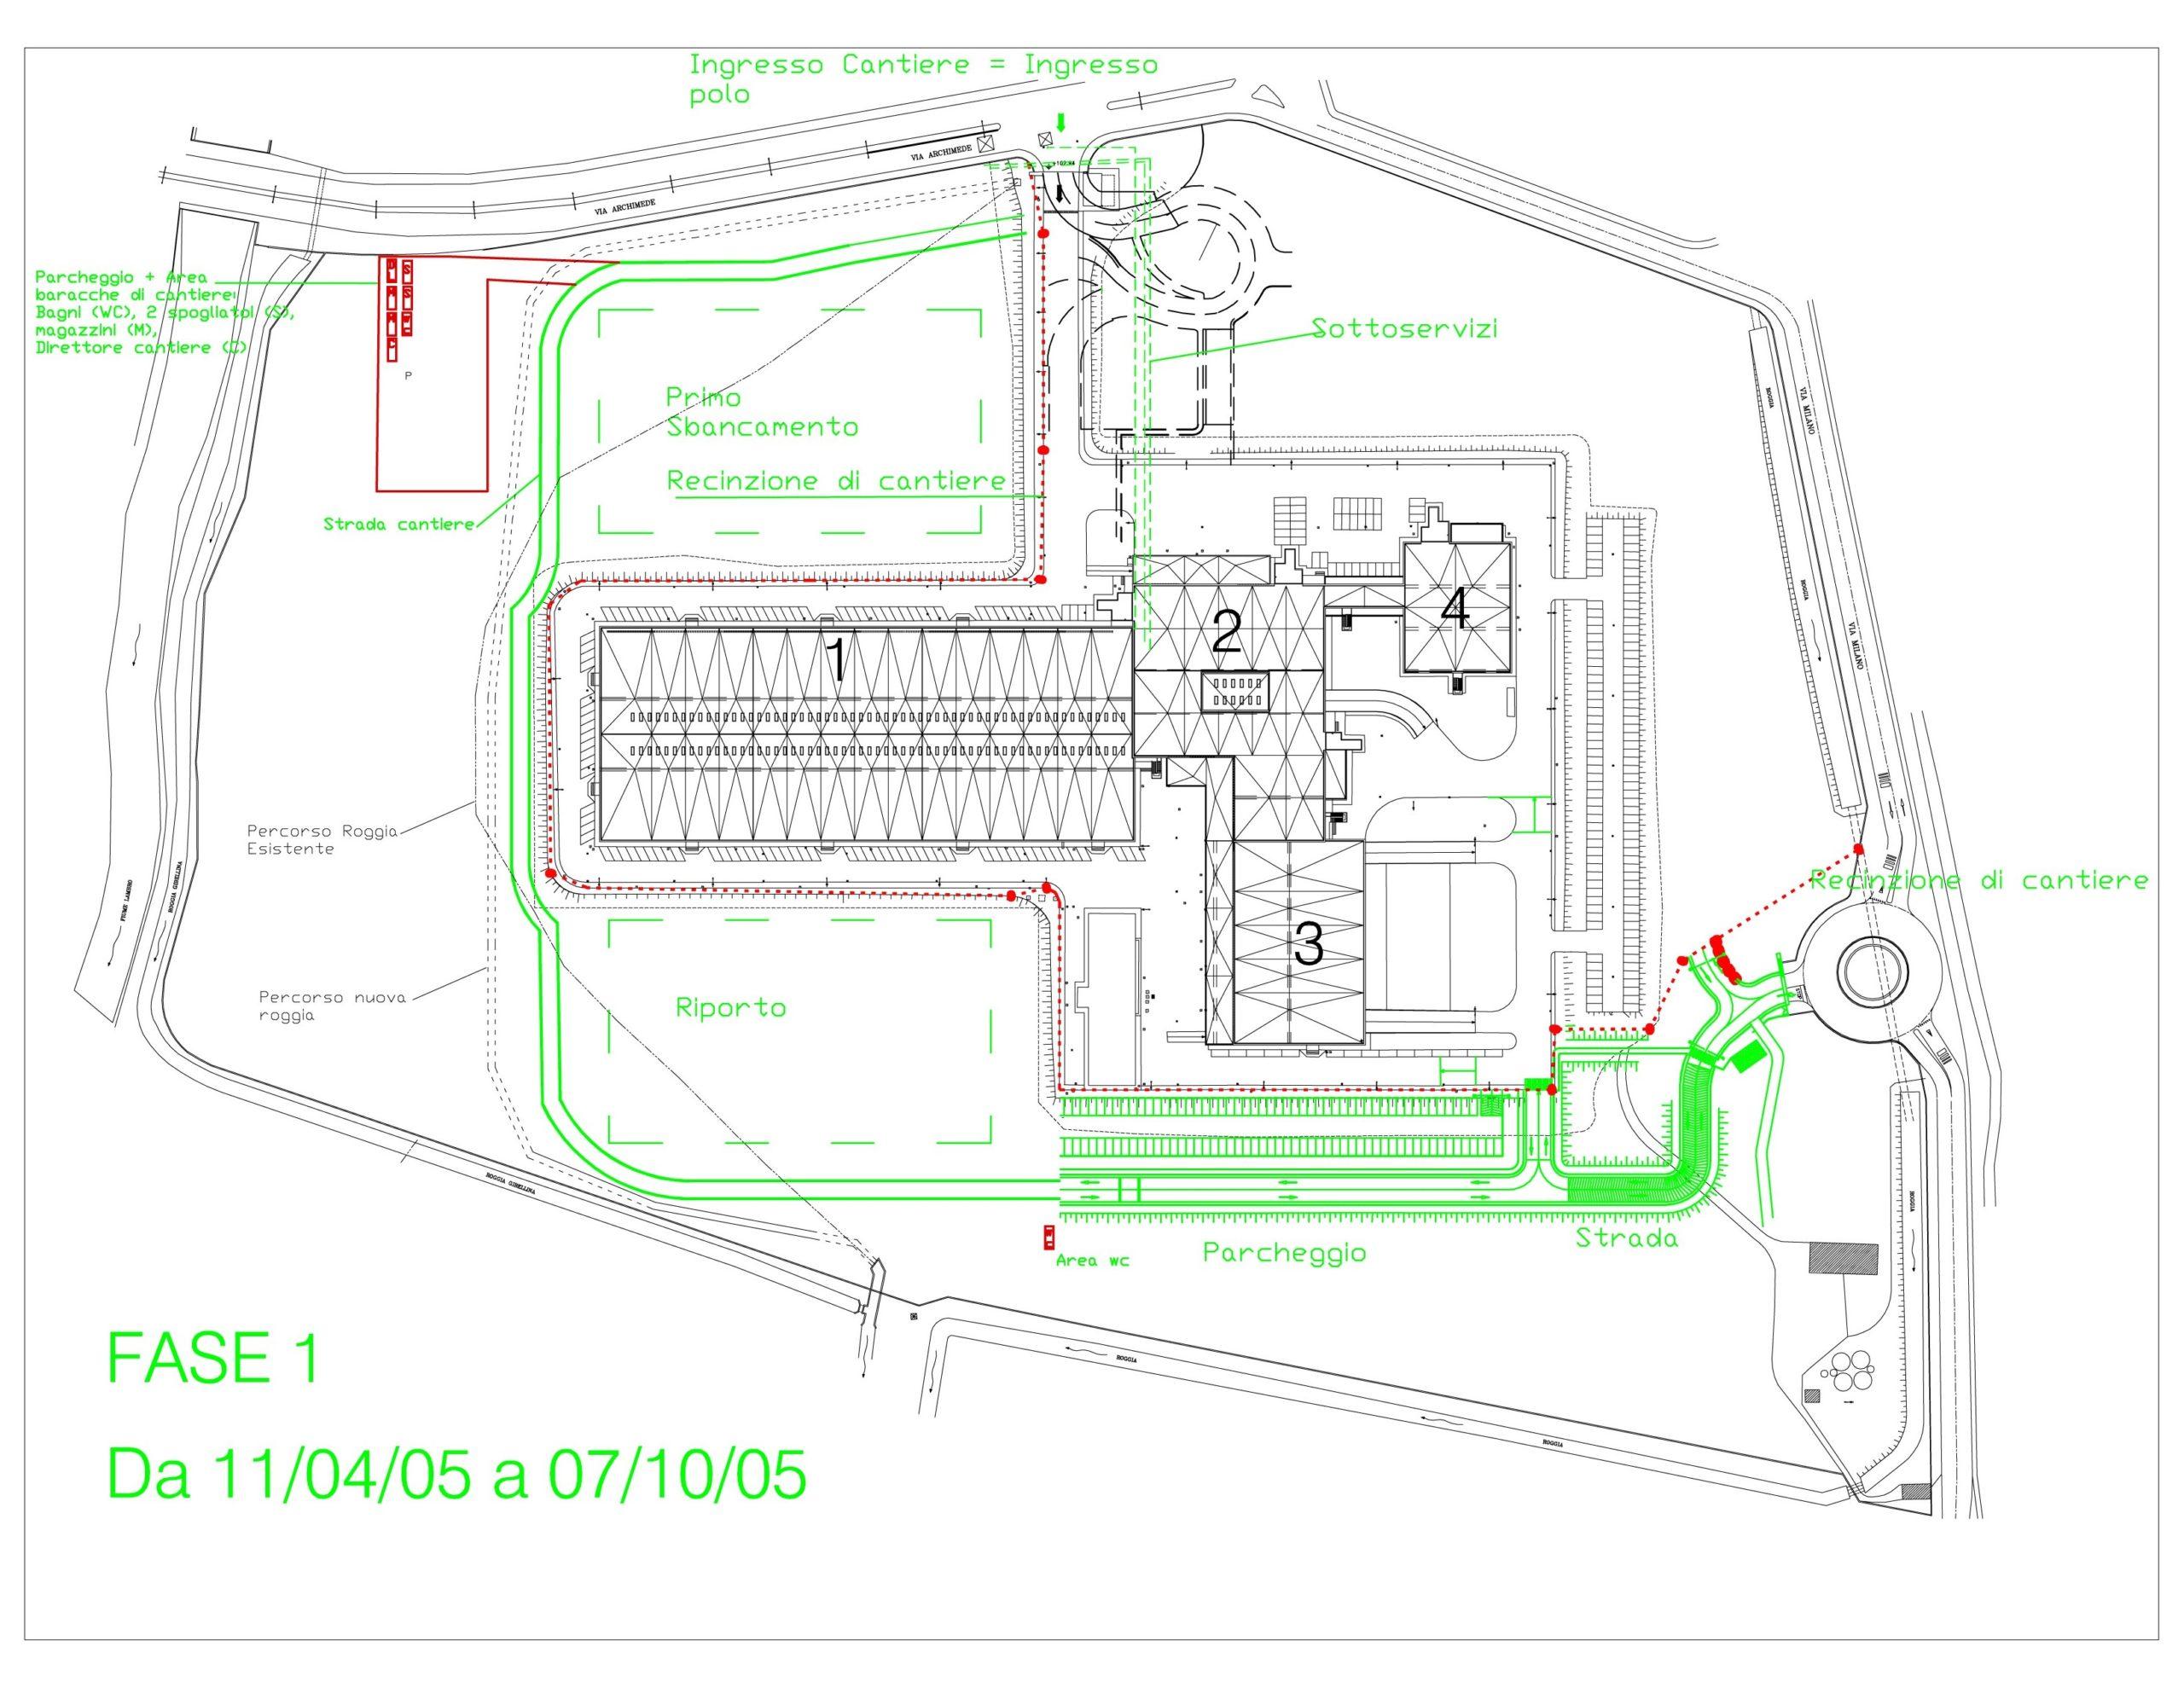 1. Elaborato grafico individuazione interventi Fase 1 con layout di cantiere con ingresso, recinzione, sbancamento, sottoservizi, area baracche di cantiere, spogliatoi, magazzini direttore cantiere e parcheggio: stato di progetto.